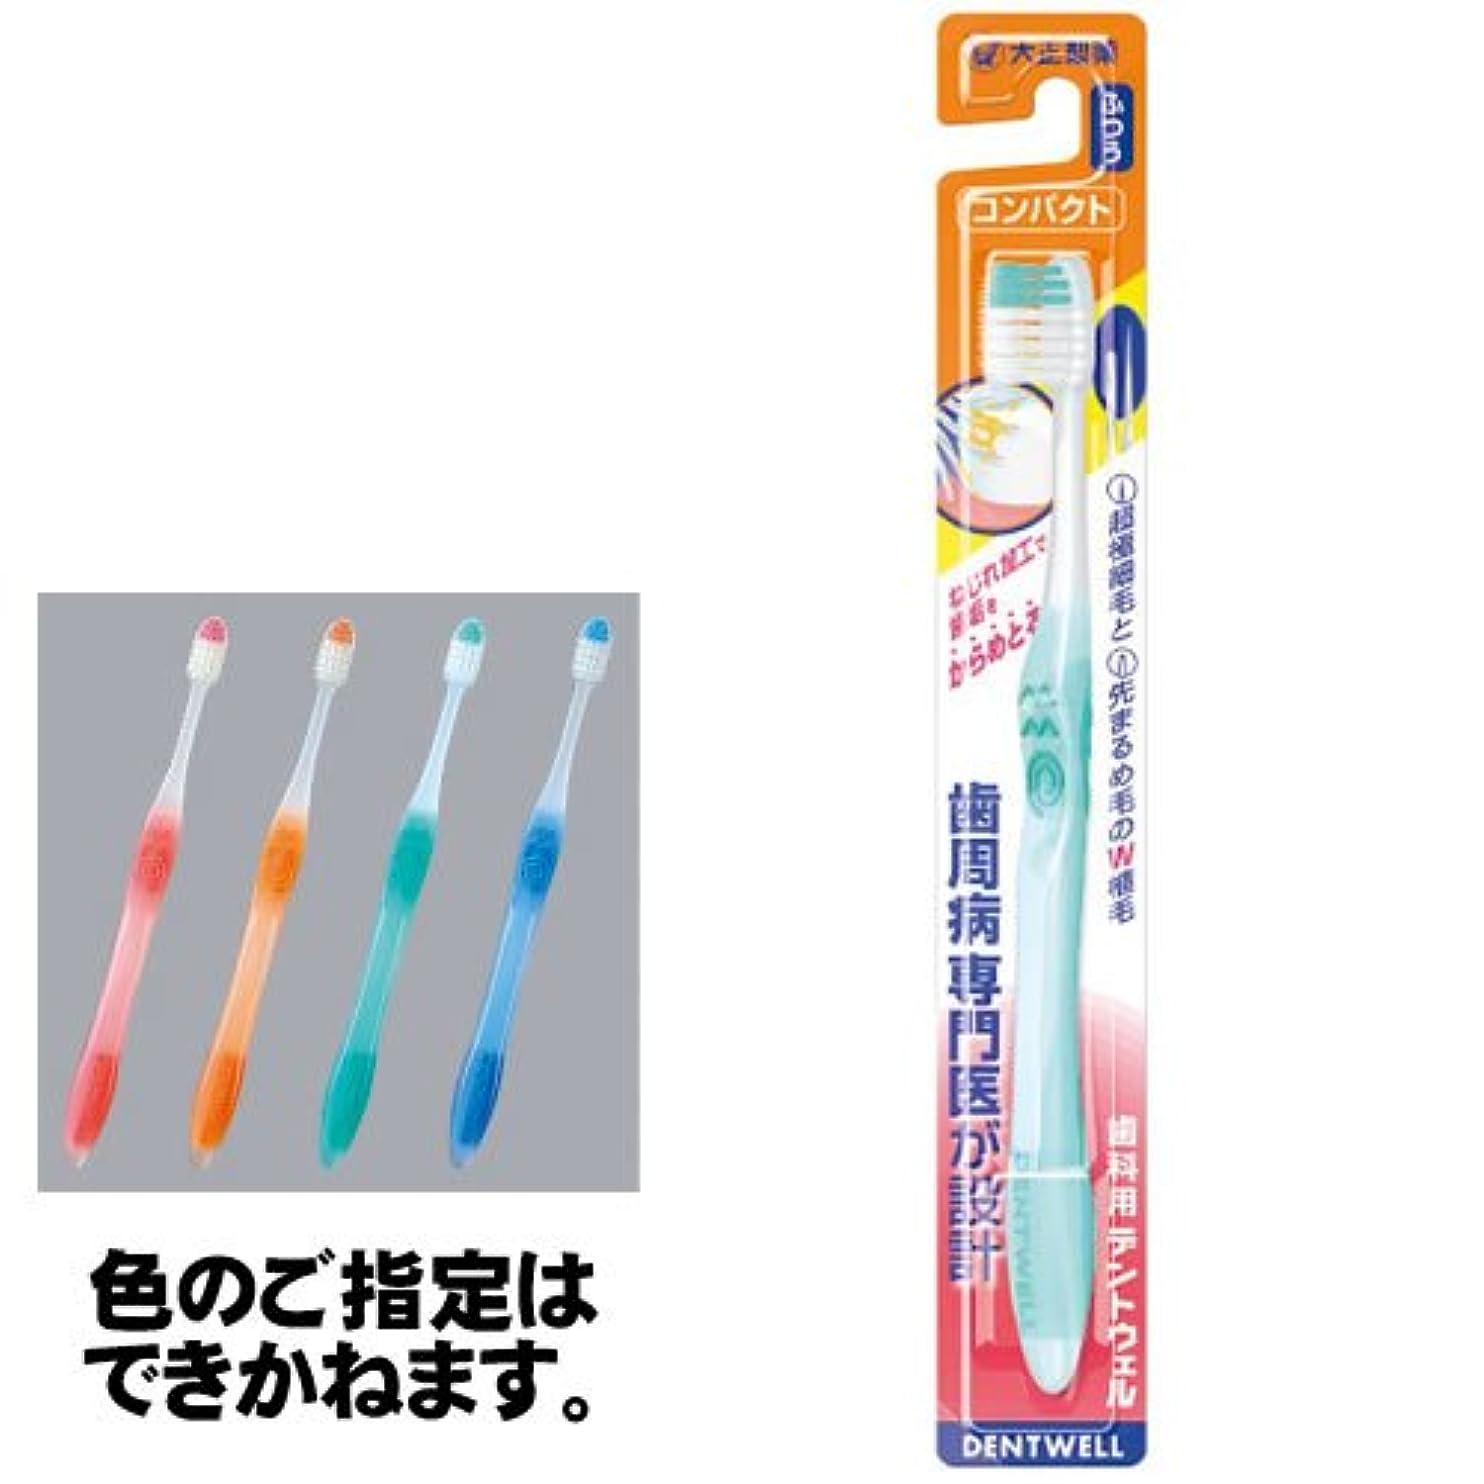 メーカー代名詞手錠〔大正製薬〕歯科用デントウェル歯ブラシ コンパクト ふつう×12本セット